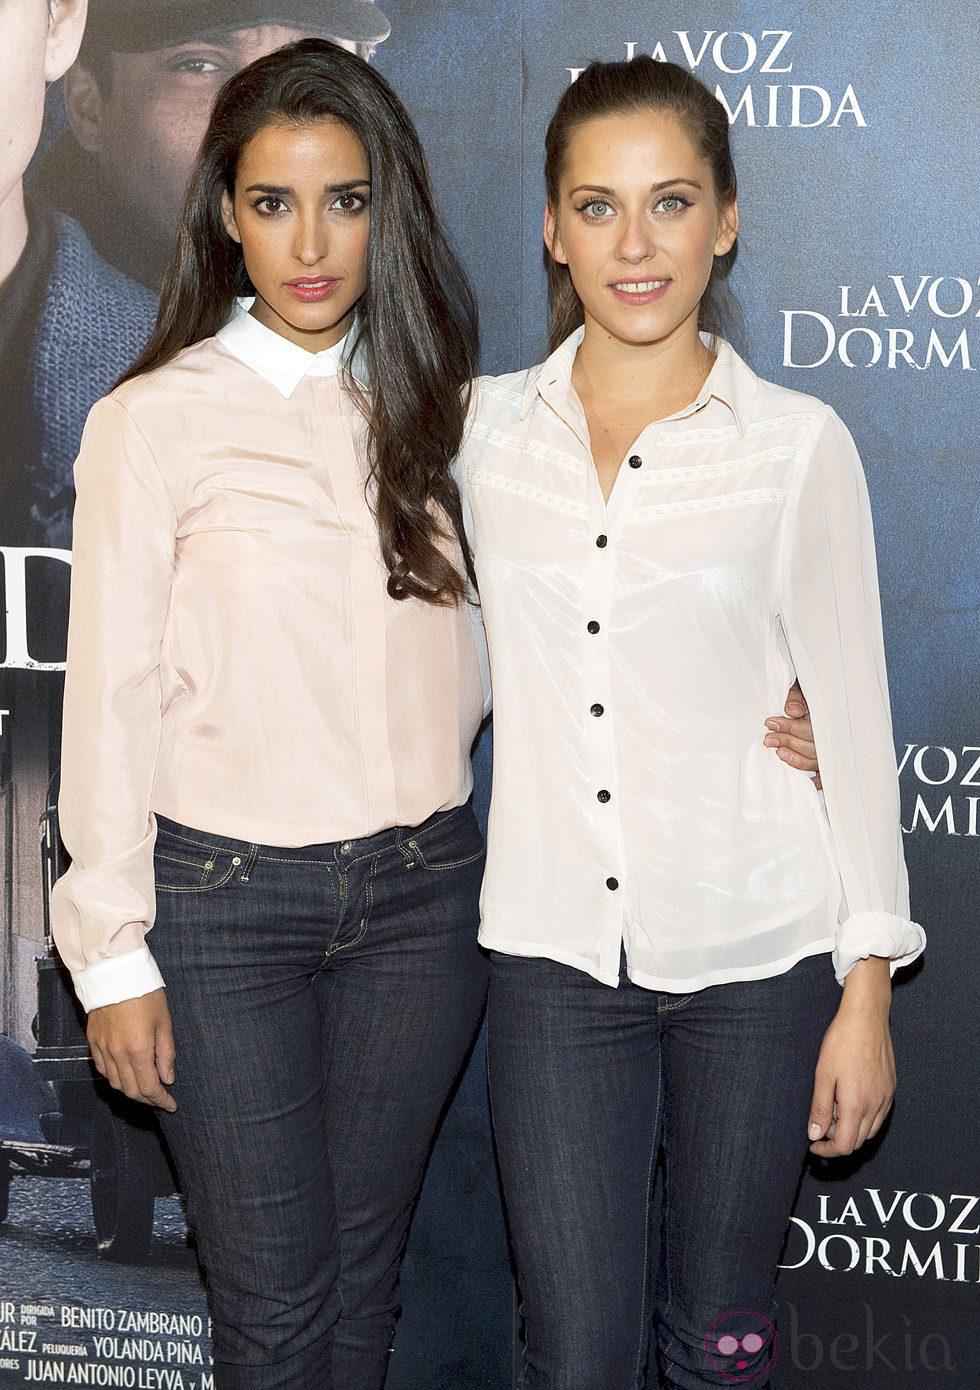 Playboy Andrea Estevez Lesbiana -